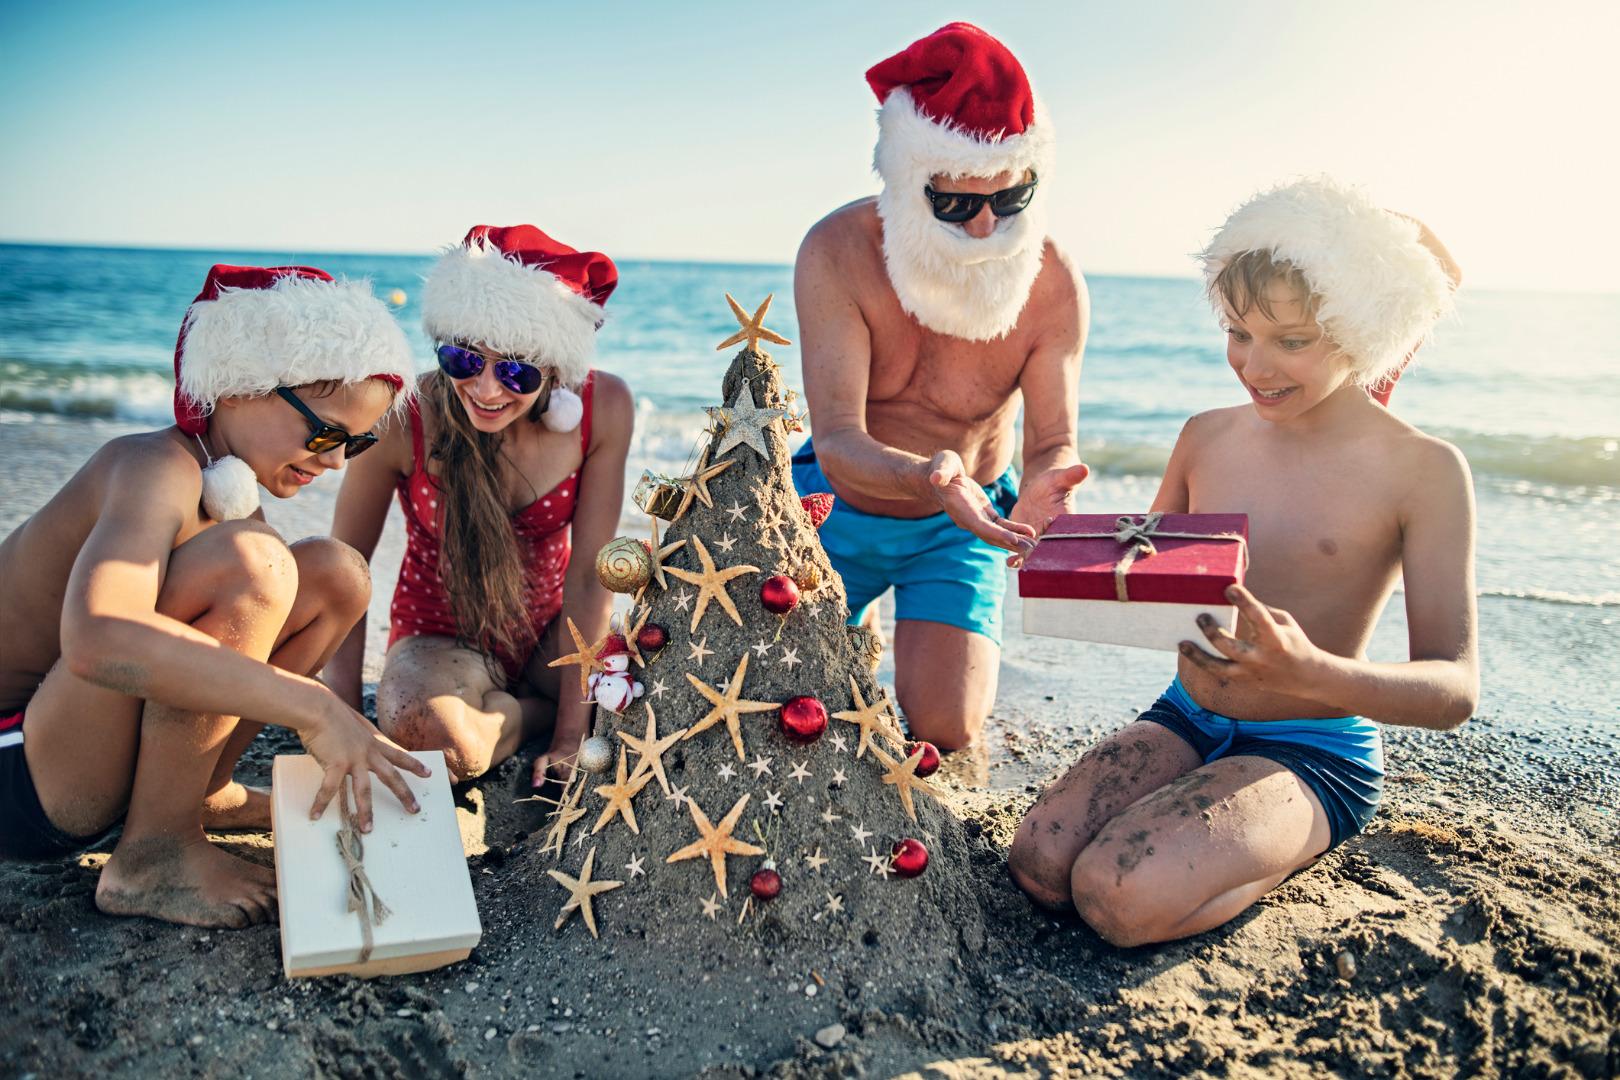 Новый год под пальмами: как уберечься от инфекций